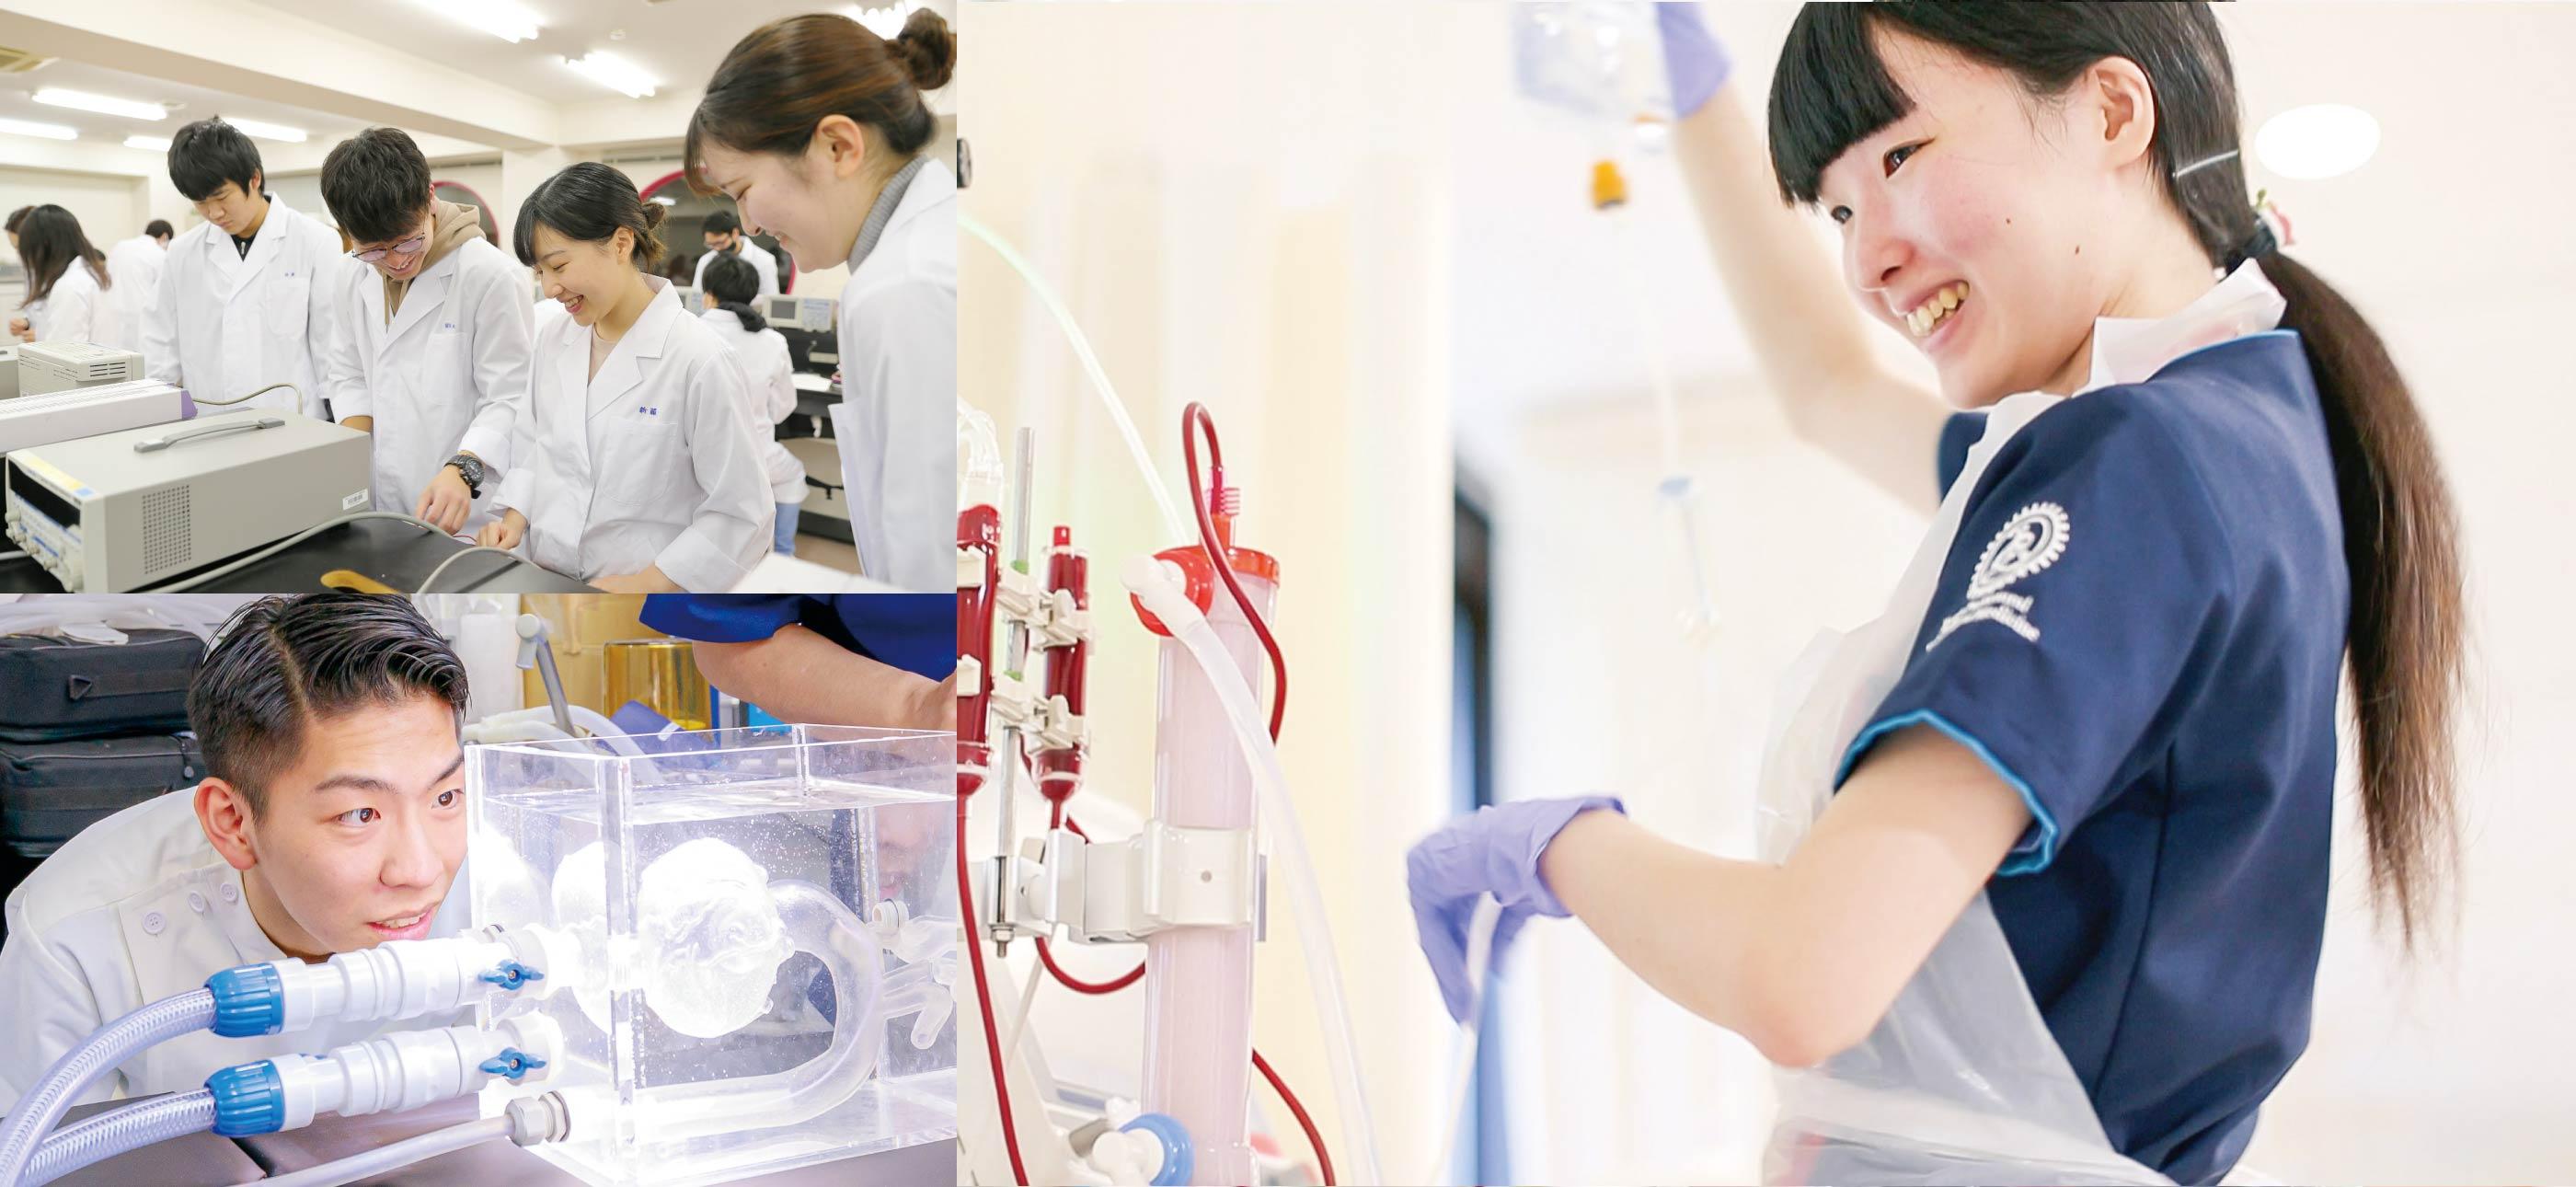 臨床工学技士科(昼間3年制)(夜間3年制)